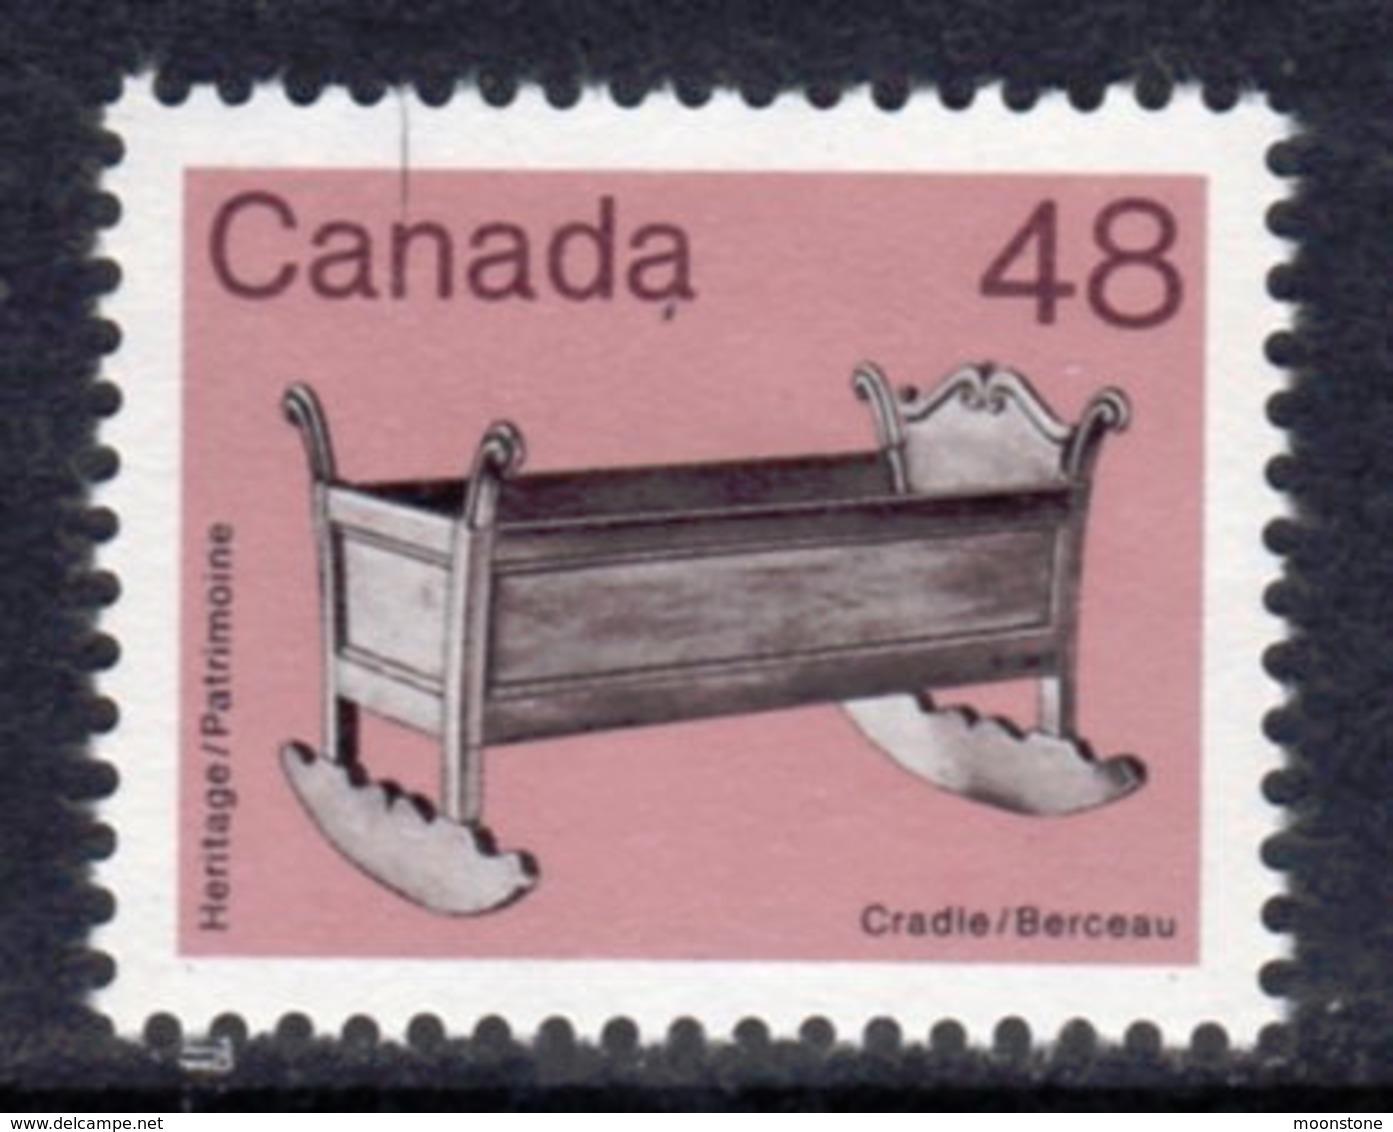 Canada 1982-7 Heritage Artefacts Definitives 48c Cradle, MNH, SG 1064 - 1952-.... Reign Of Elizabeth II